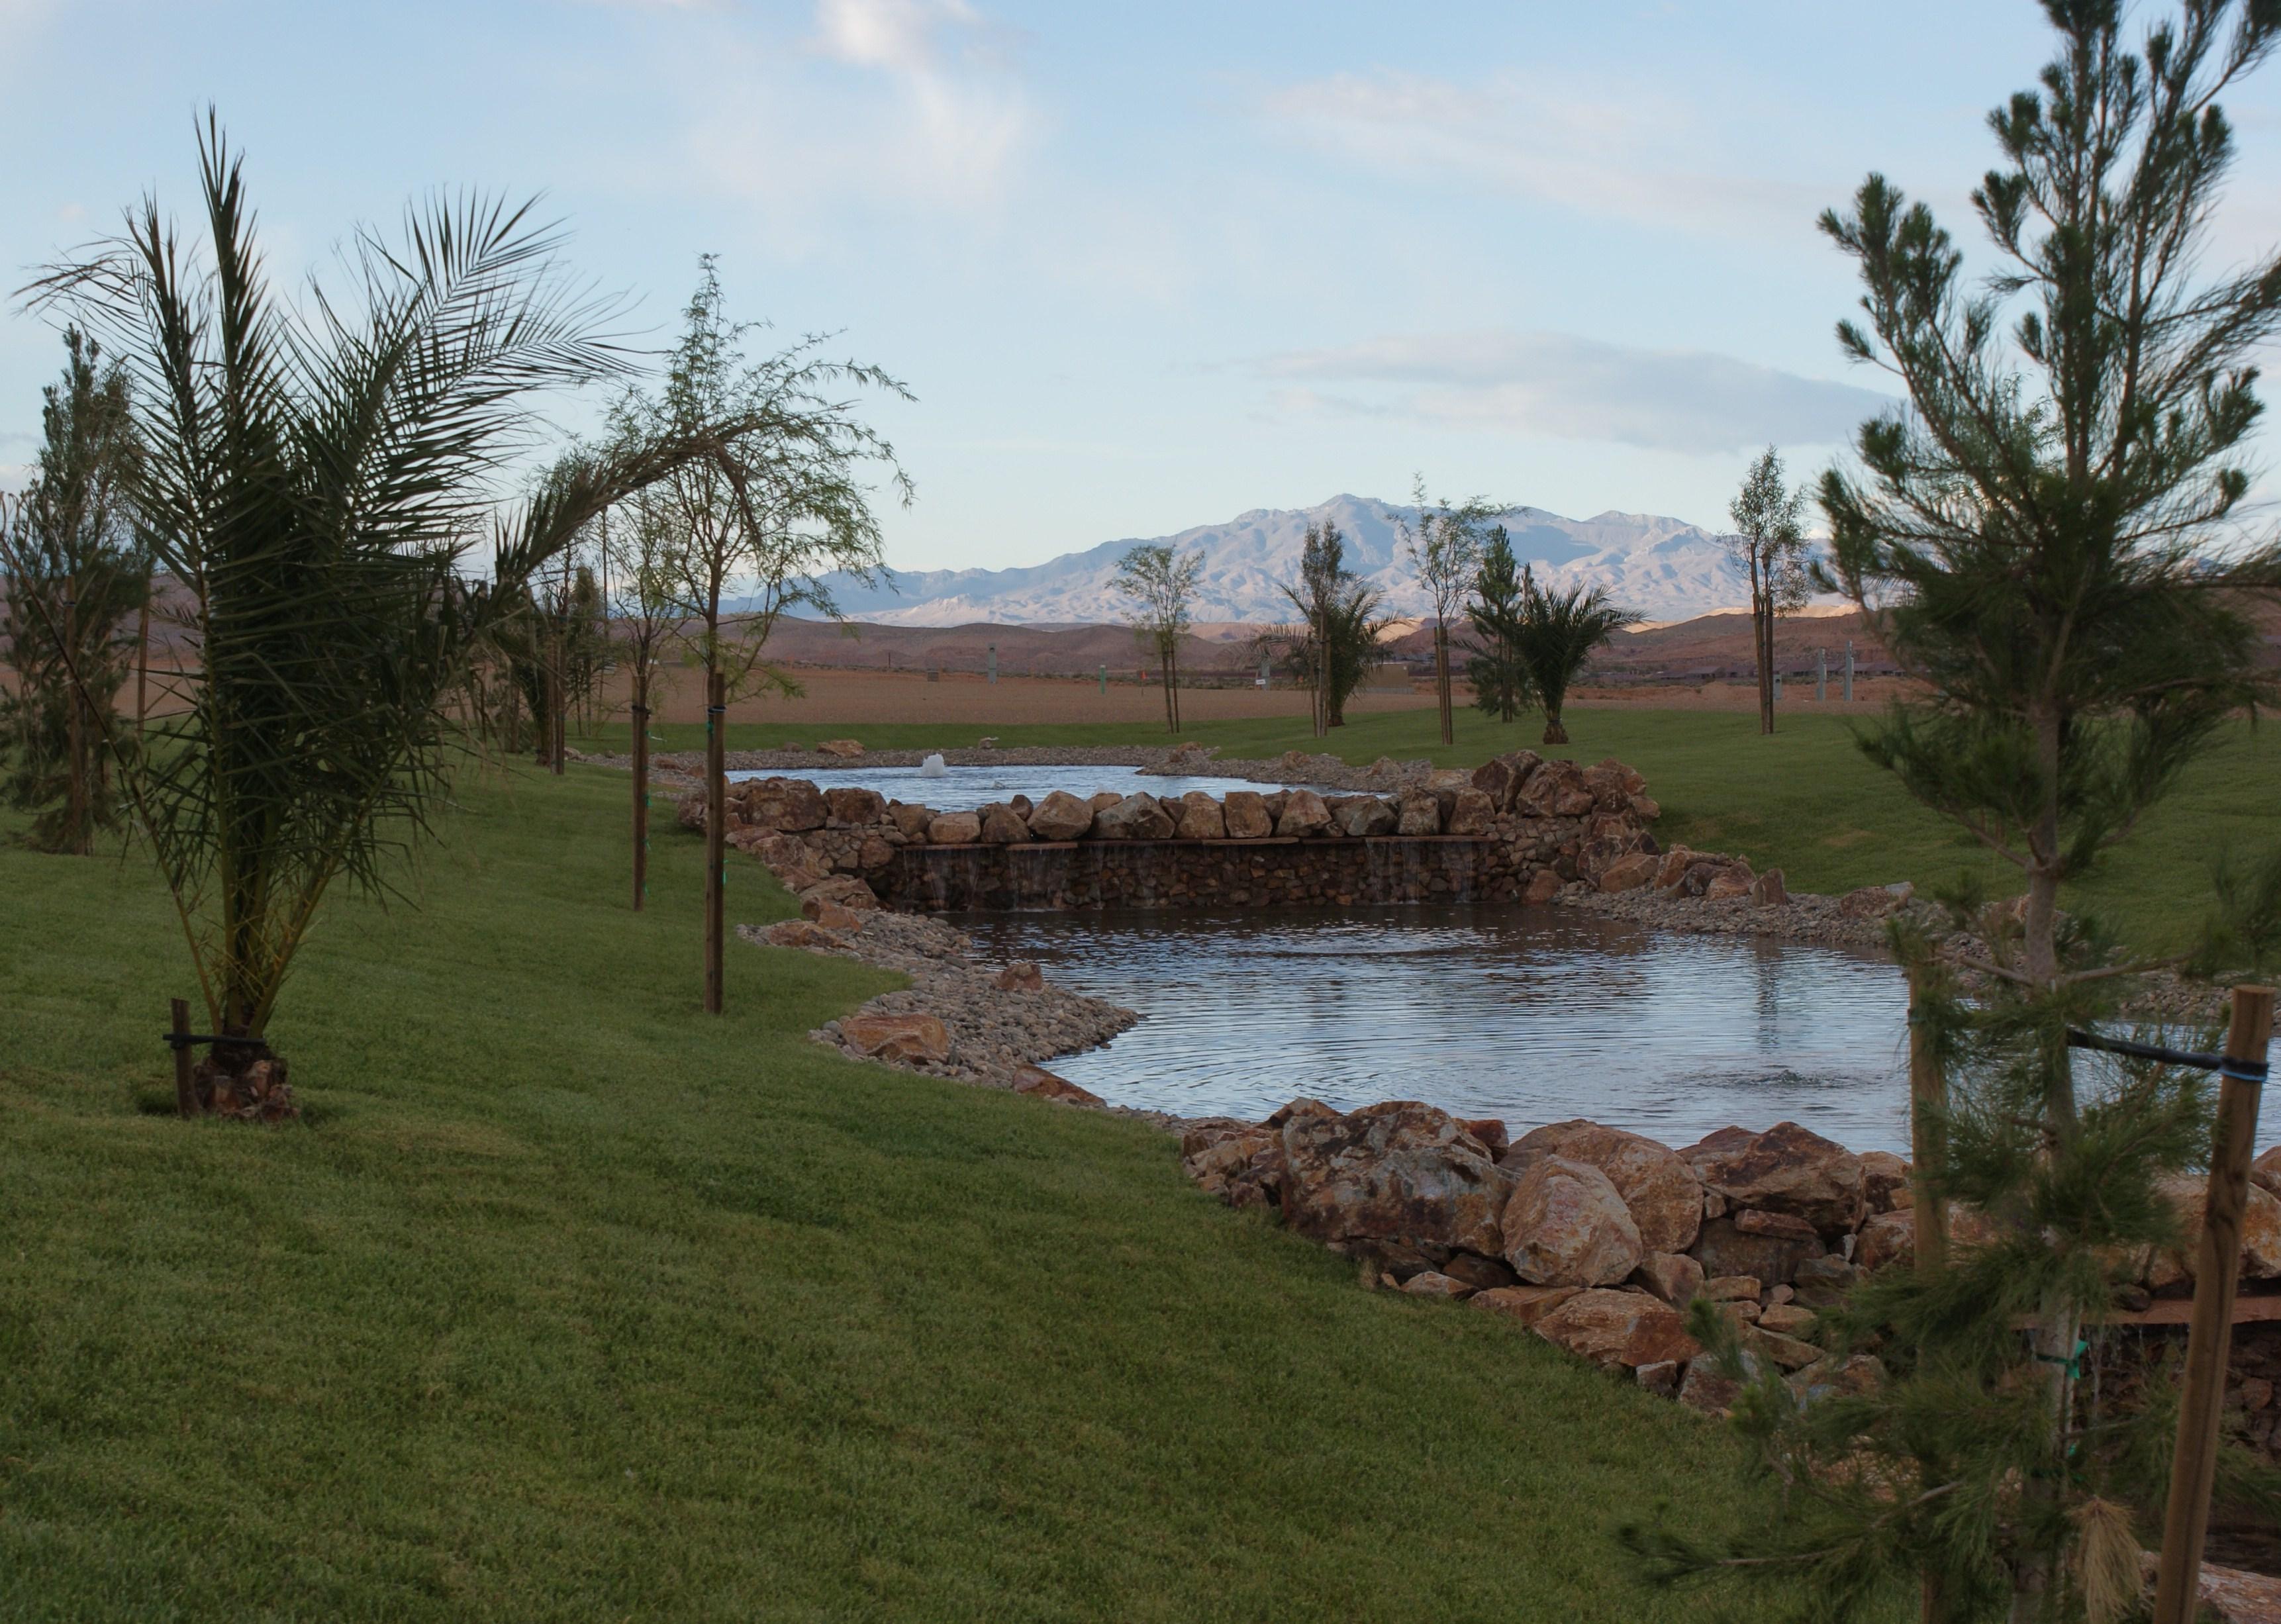 Las Vegas park landscapes